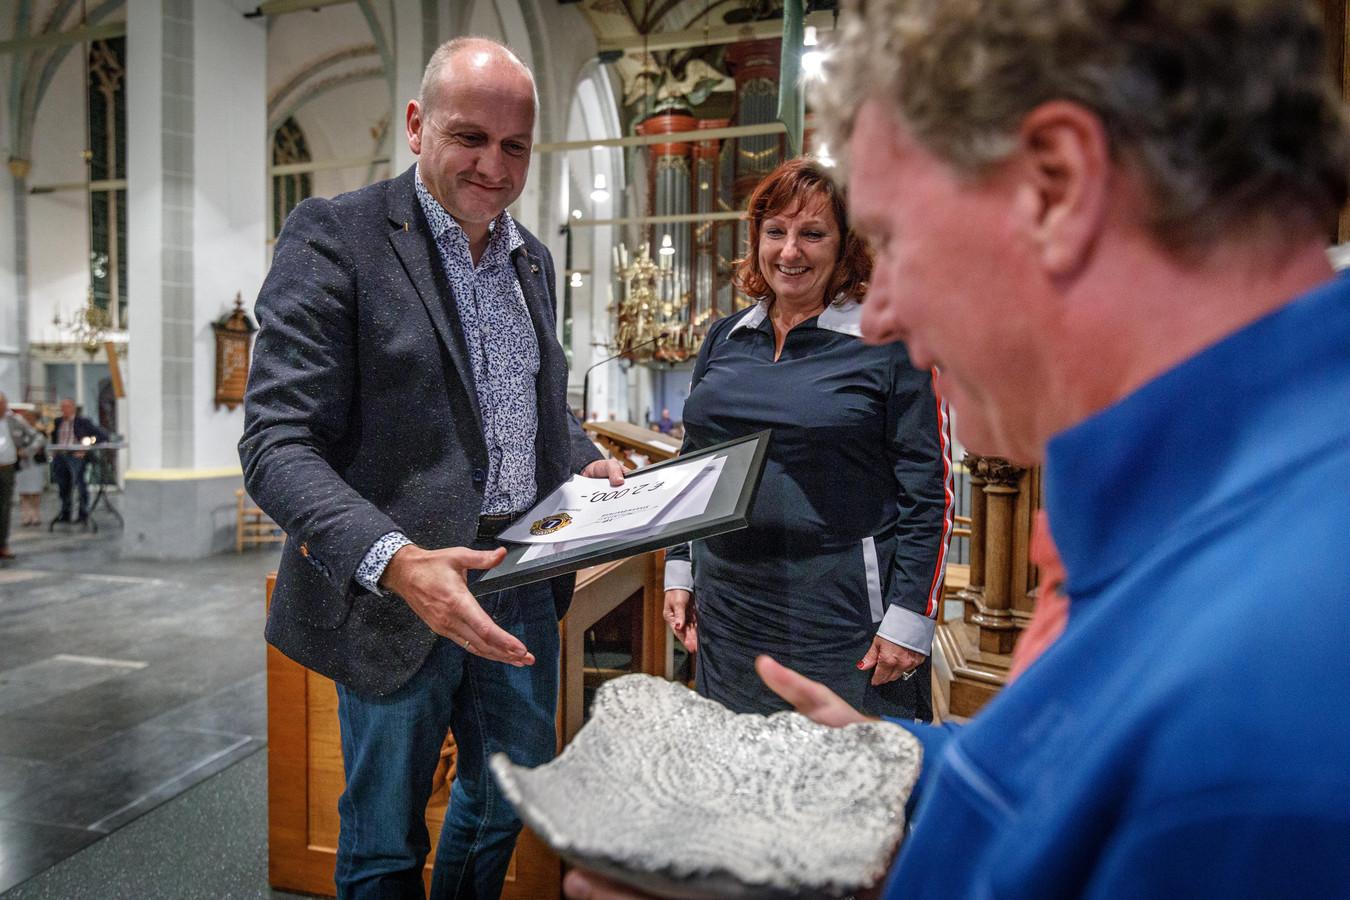 Theaterdirecteur Han Evers van De Meenthe ontvangt de Anne Beeltje Cultuurprijs tijdens de opening van de expositie in de Grote of Mariakerk. Dit was tevens het startsein voor drie dagen Kopje Cultuur.